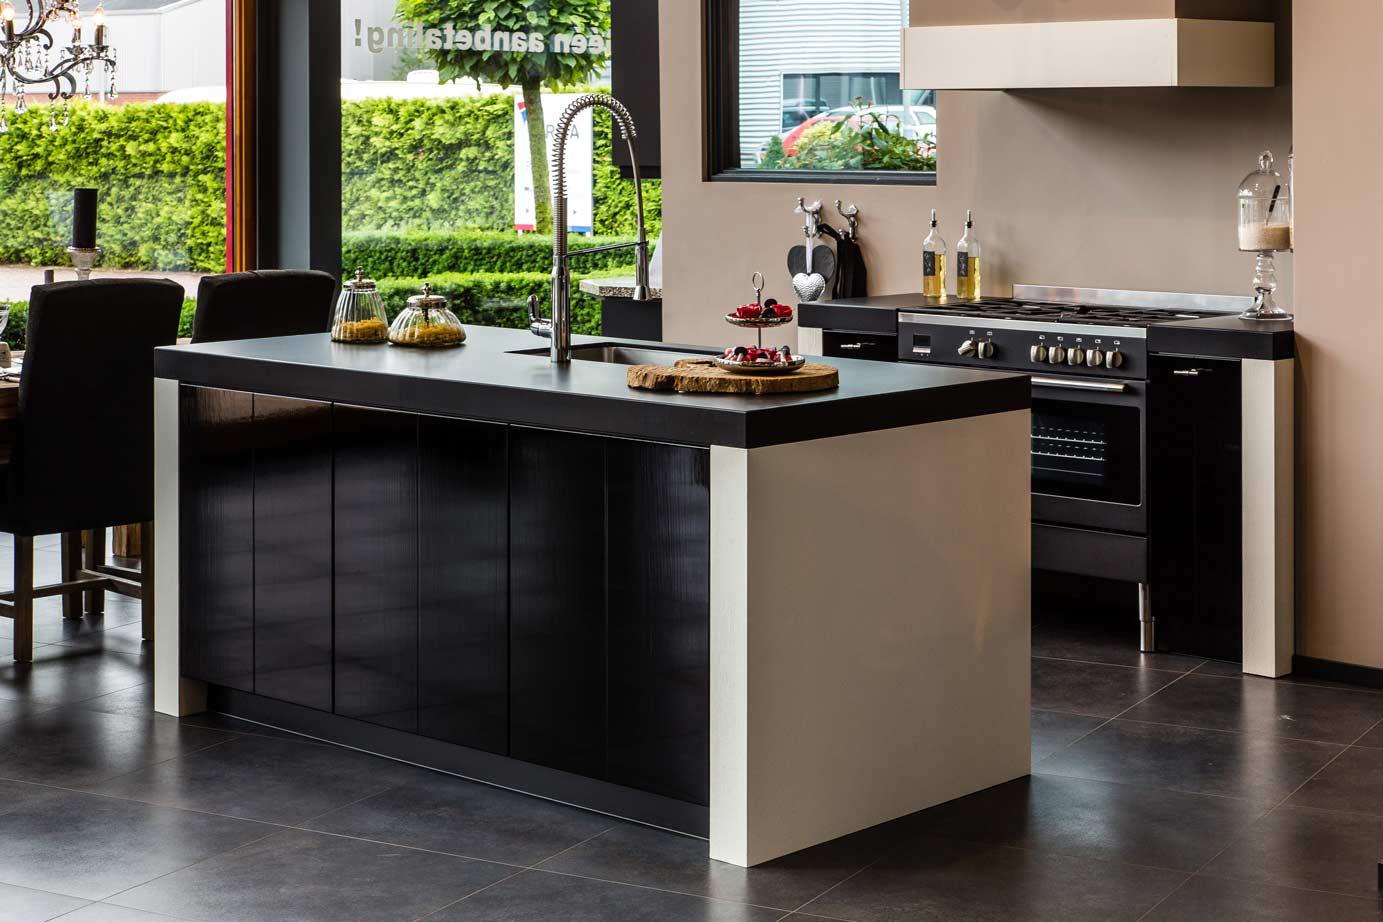 Keuken Rood Zwart : keuken: chique in modern interieur. Bekijk voorbeelden. – DB Keukens